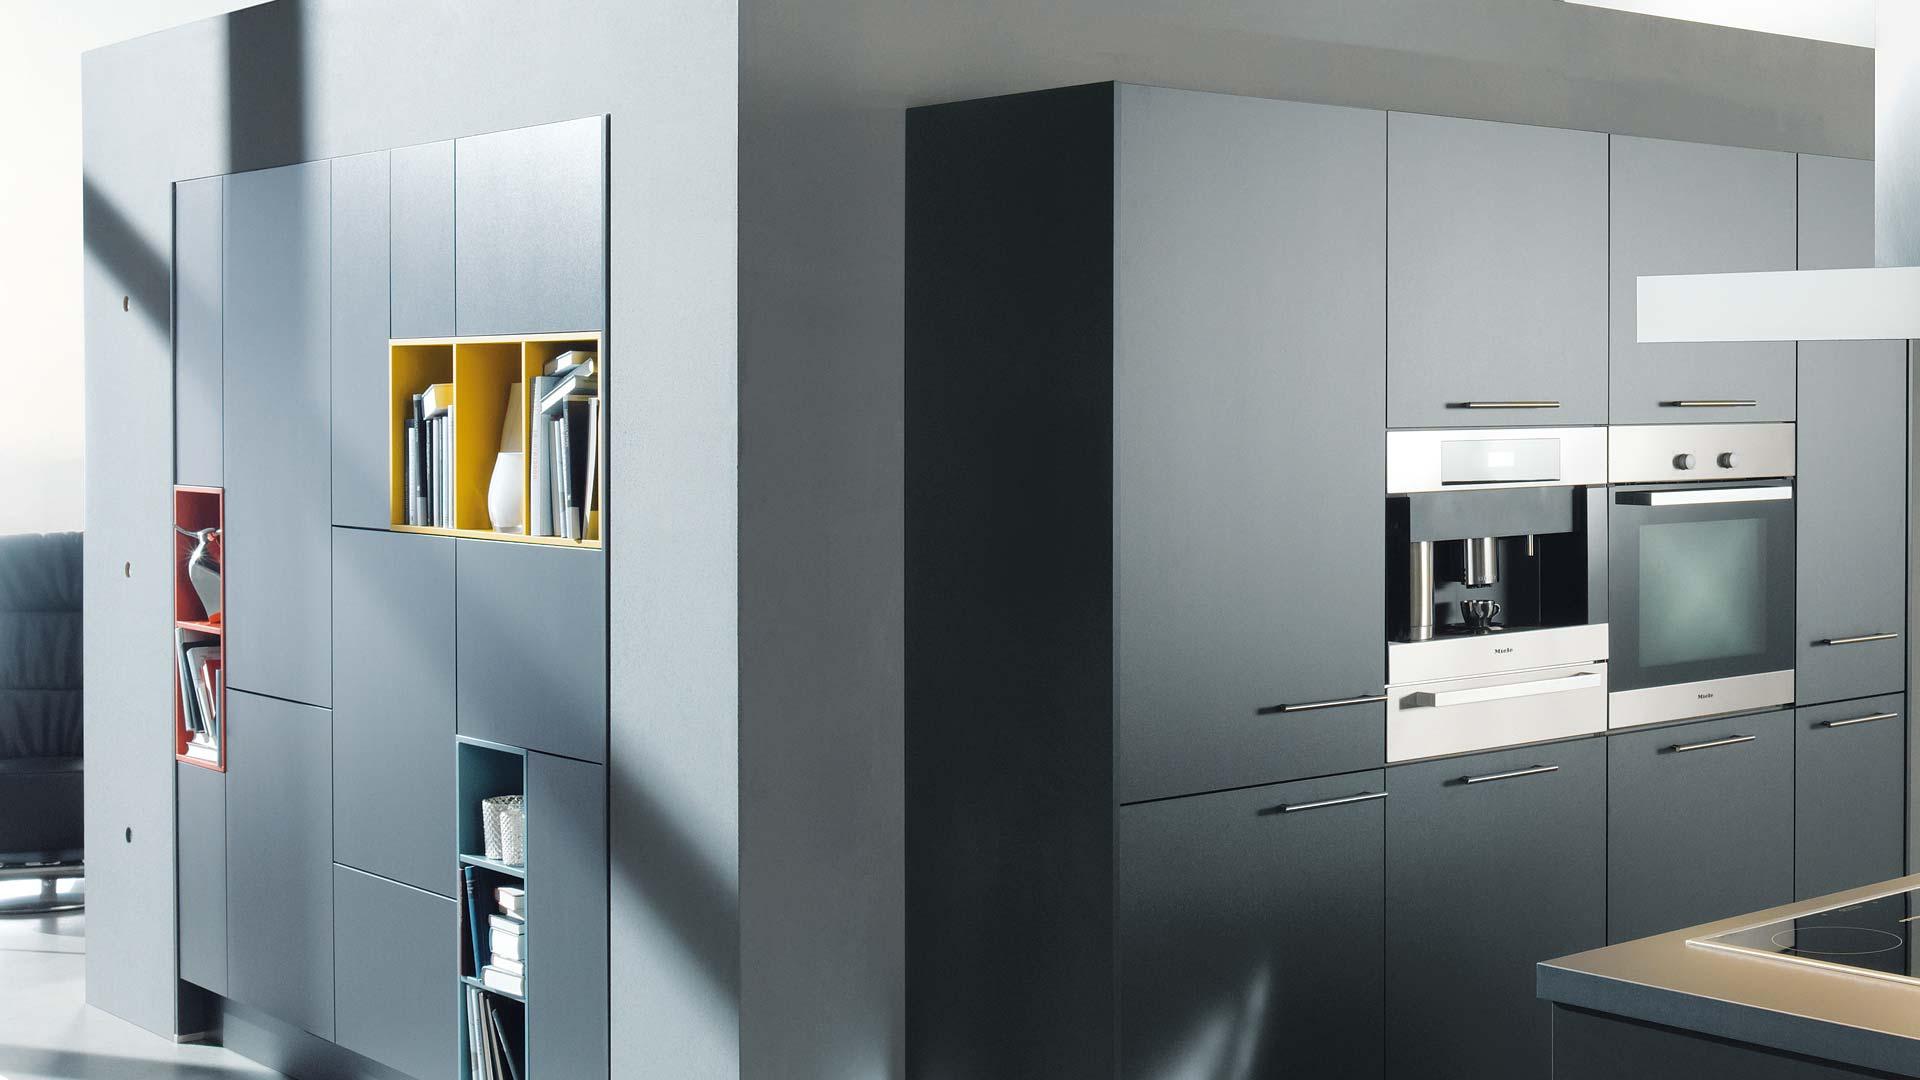 k chen hannover hesse. Black Bedroom Furniture Sets. Home Design Ideas